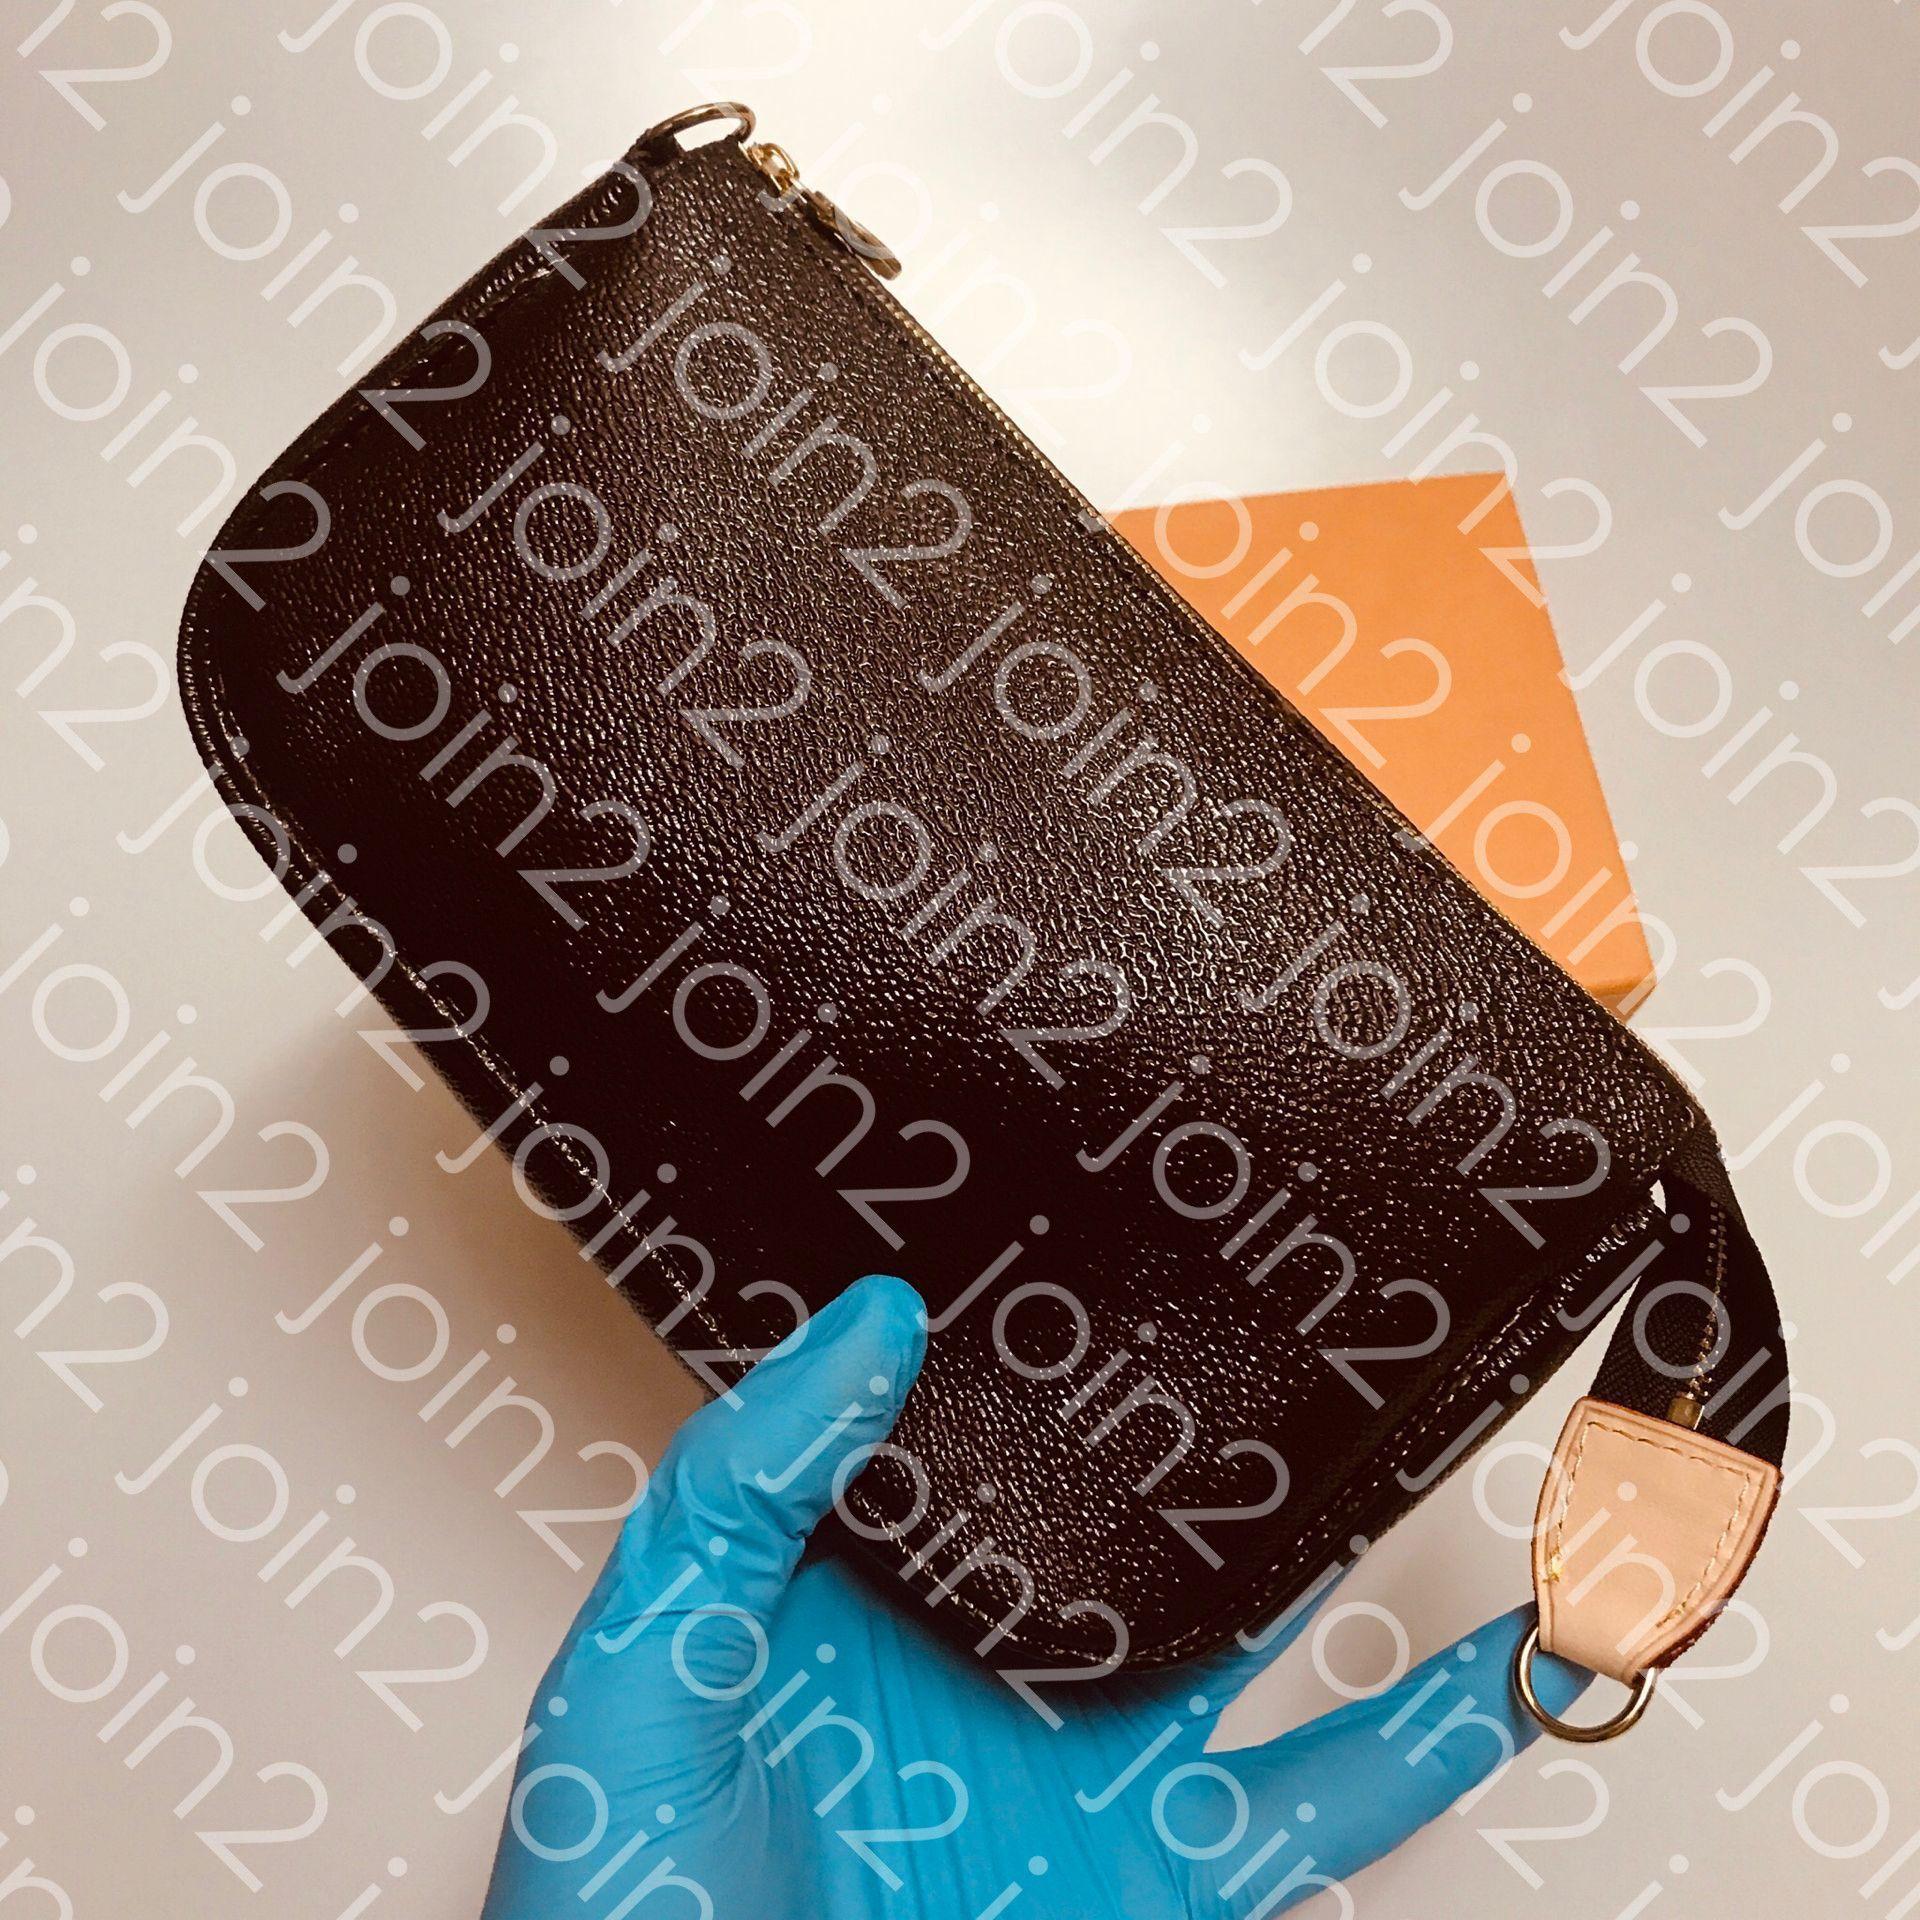 Pochette Accessoires إمرأة أزياء مخلب مساء حقيبة صغيرة حقيبة الكتف الصغيرة حقيبة اليومية الحقيبة البني قماش جلدية مع حقيبة الغبار M51980